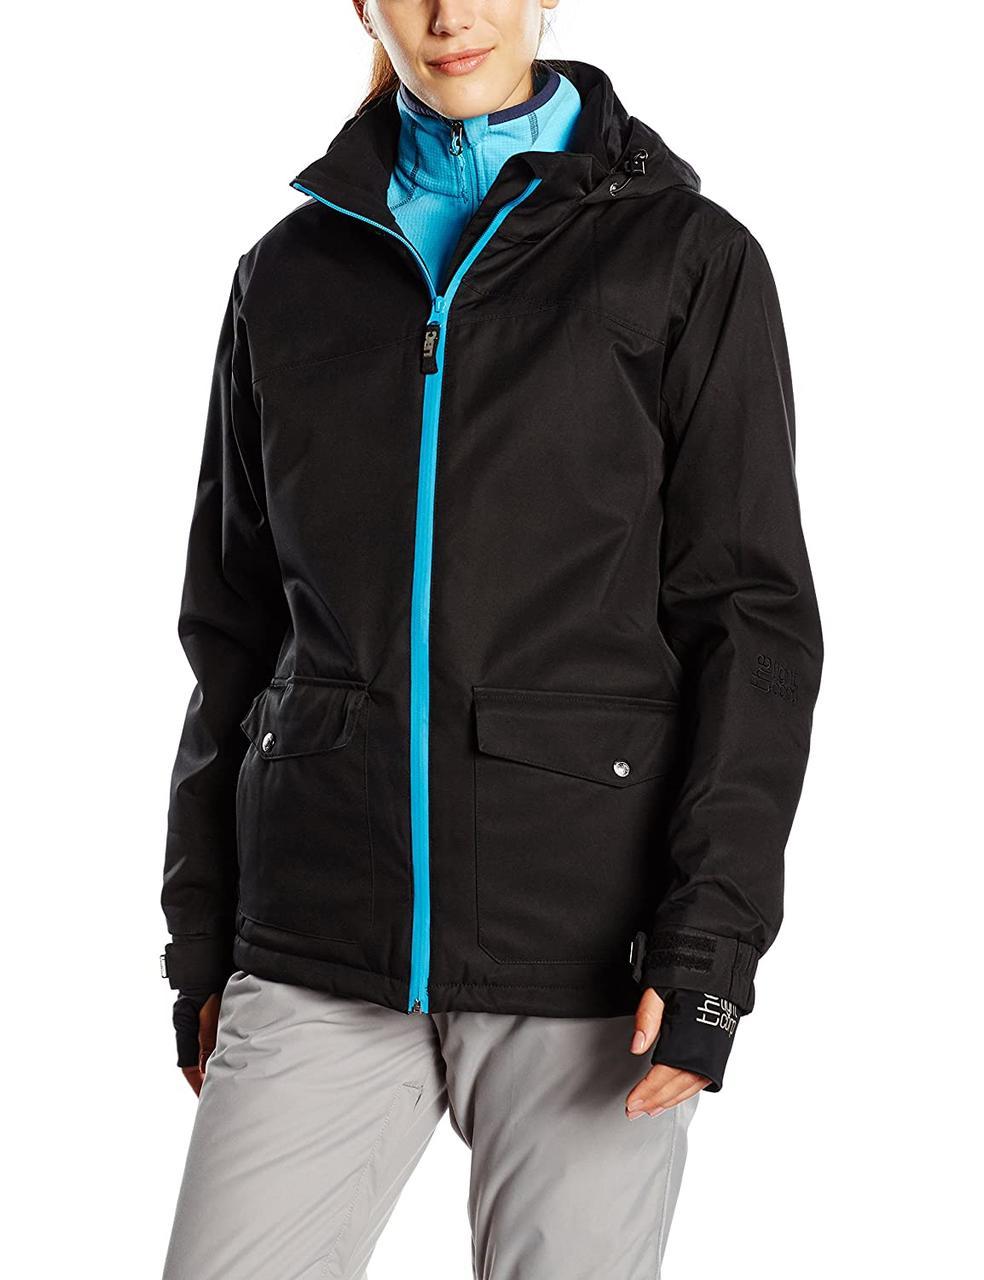 Light Snowboard Jacke June  розмір - L    жіноча гірськолижна куртка 20K